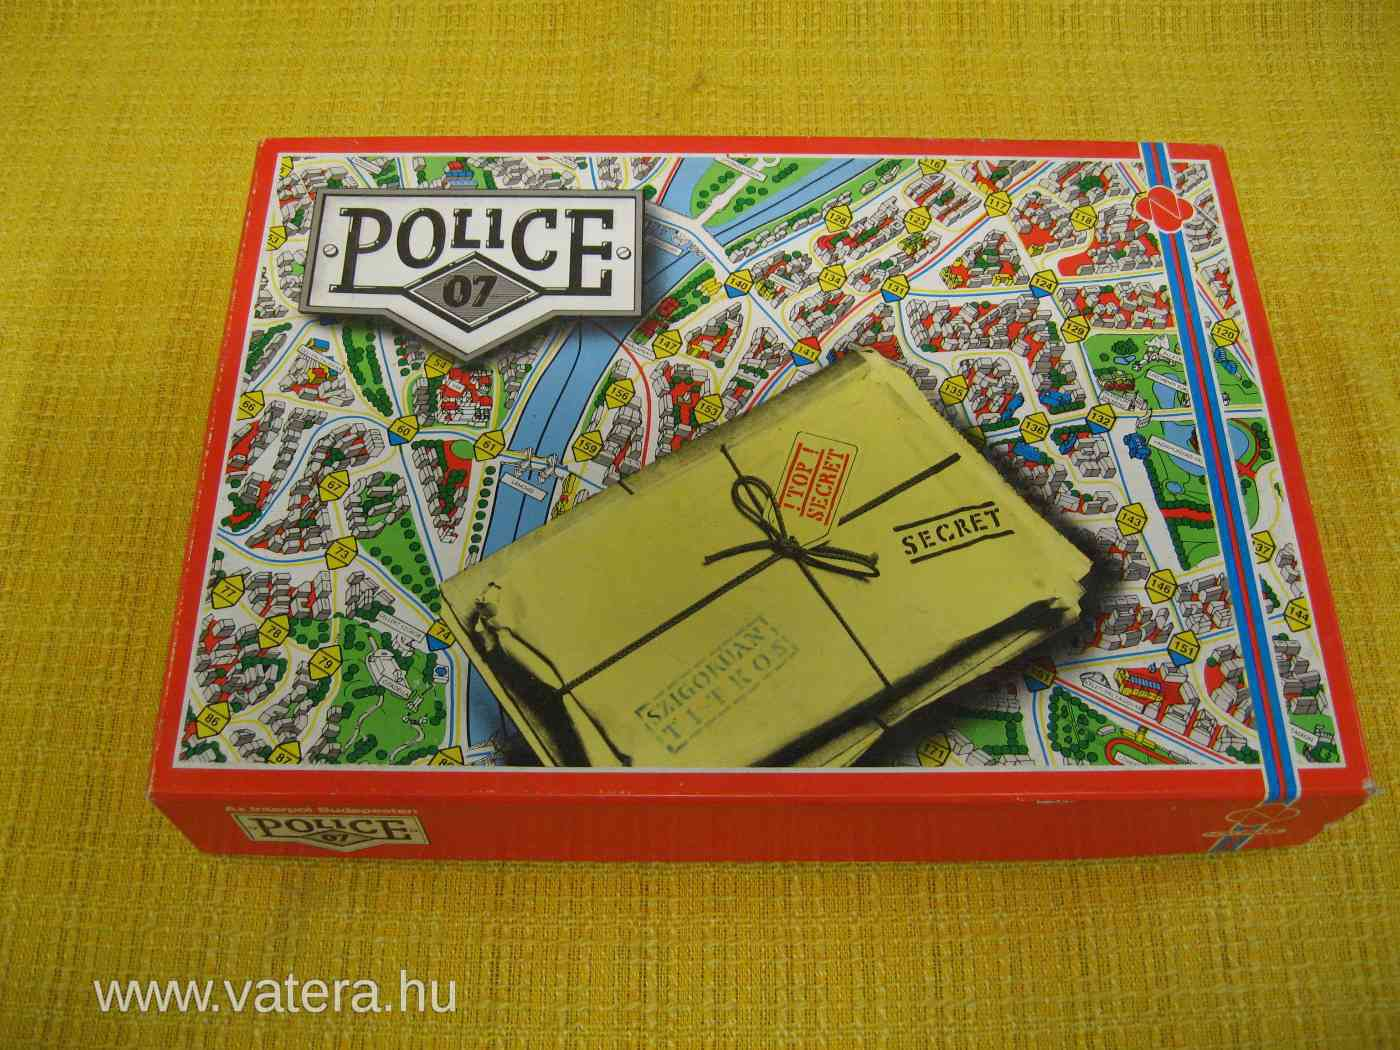 novoplast-police-07-regi-retro-tarsasjatek-5e1a_1_big.jpg